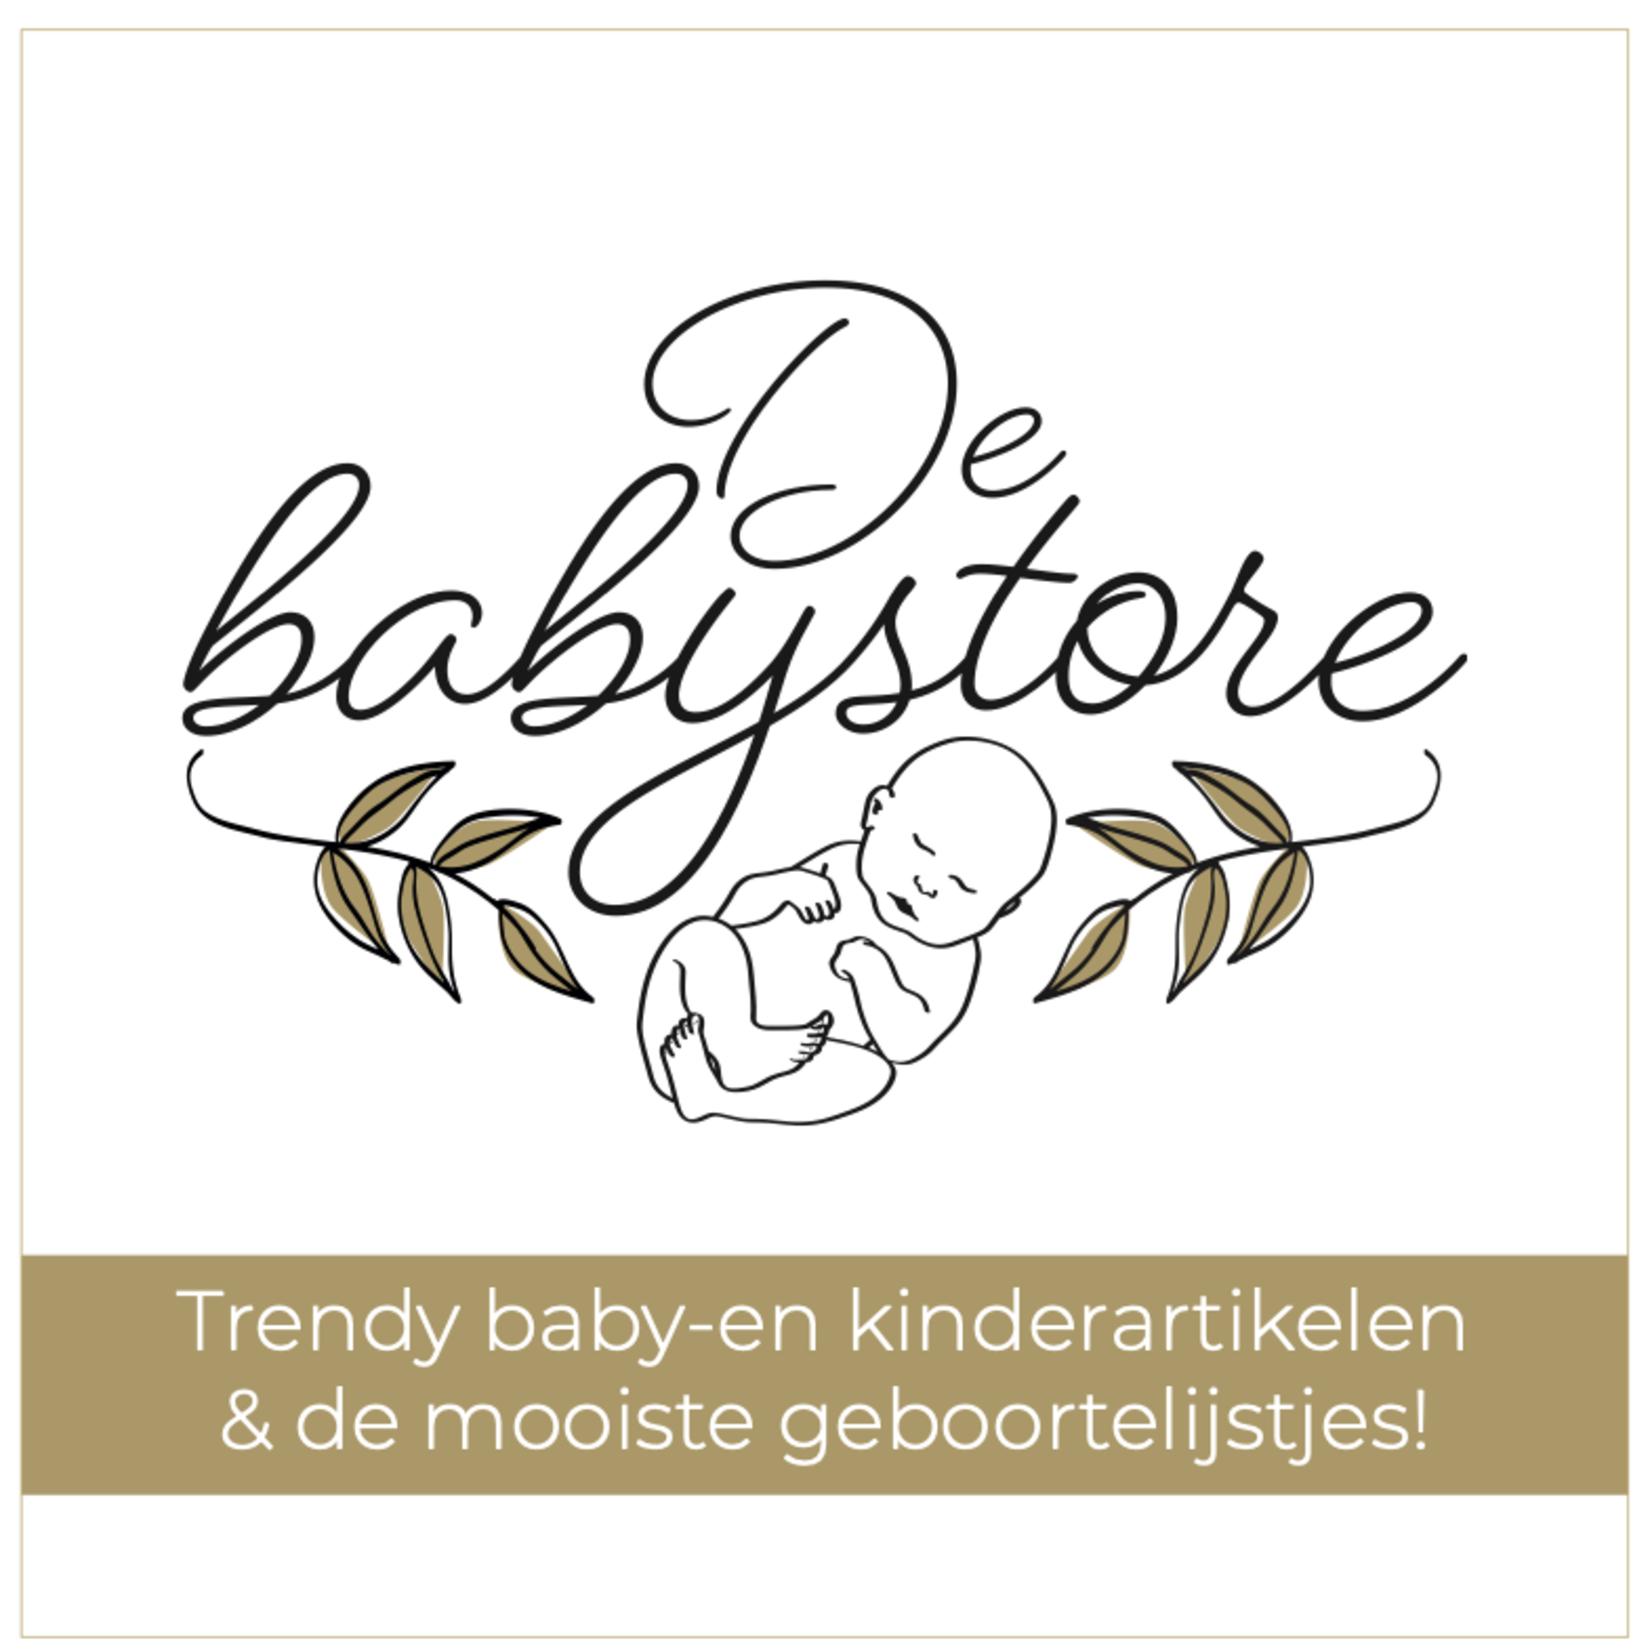 De babystore De babystore Papieren Geschenkbon 100 euro